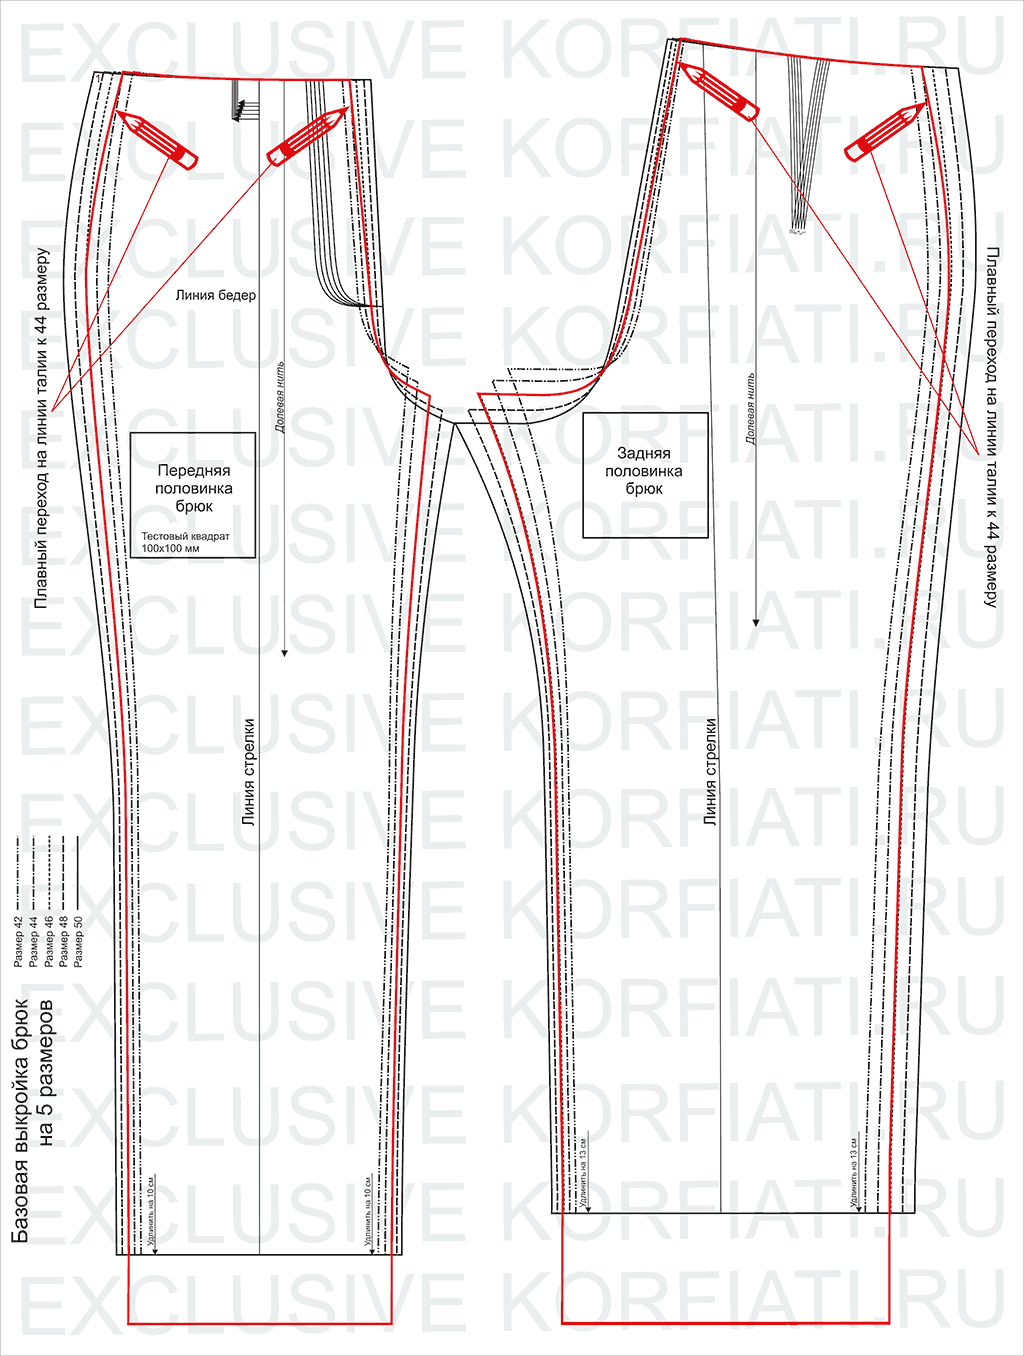 Построение выкройки брюк по системе 10 мерок